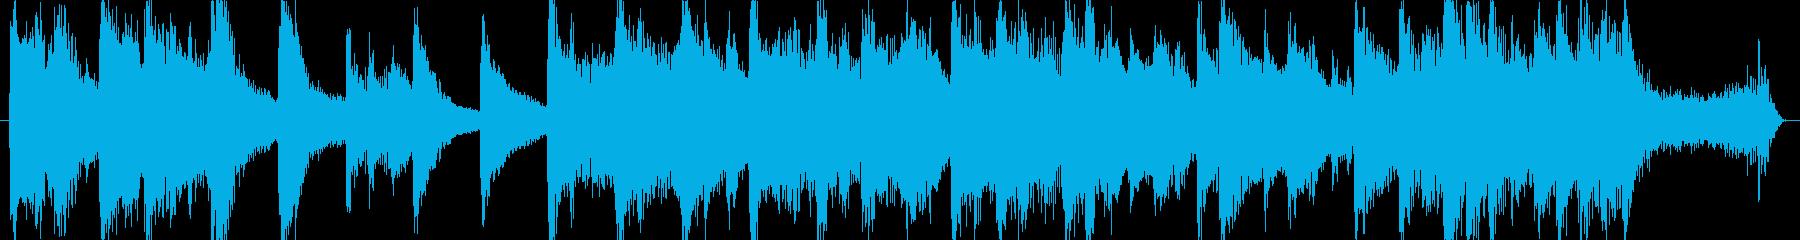 高音質♪和風出囃子ジングルヨーロッパ風の再生済みの波形